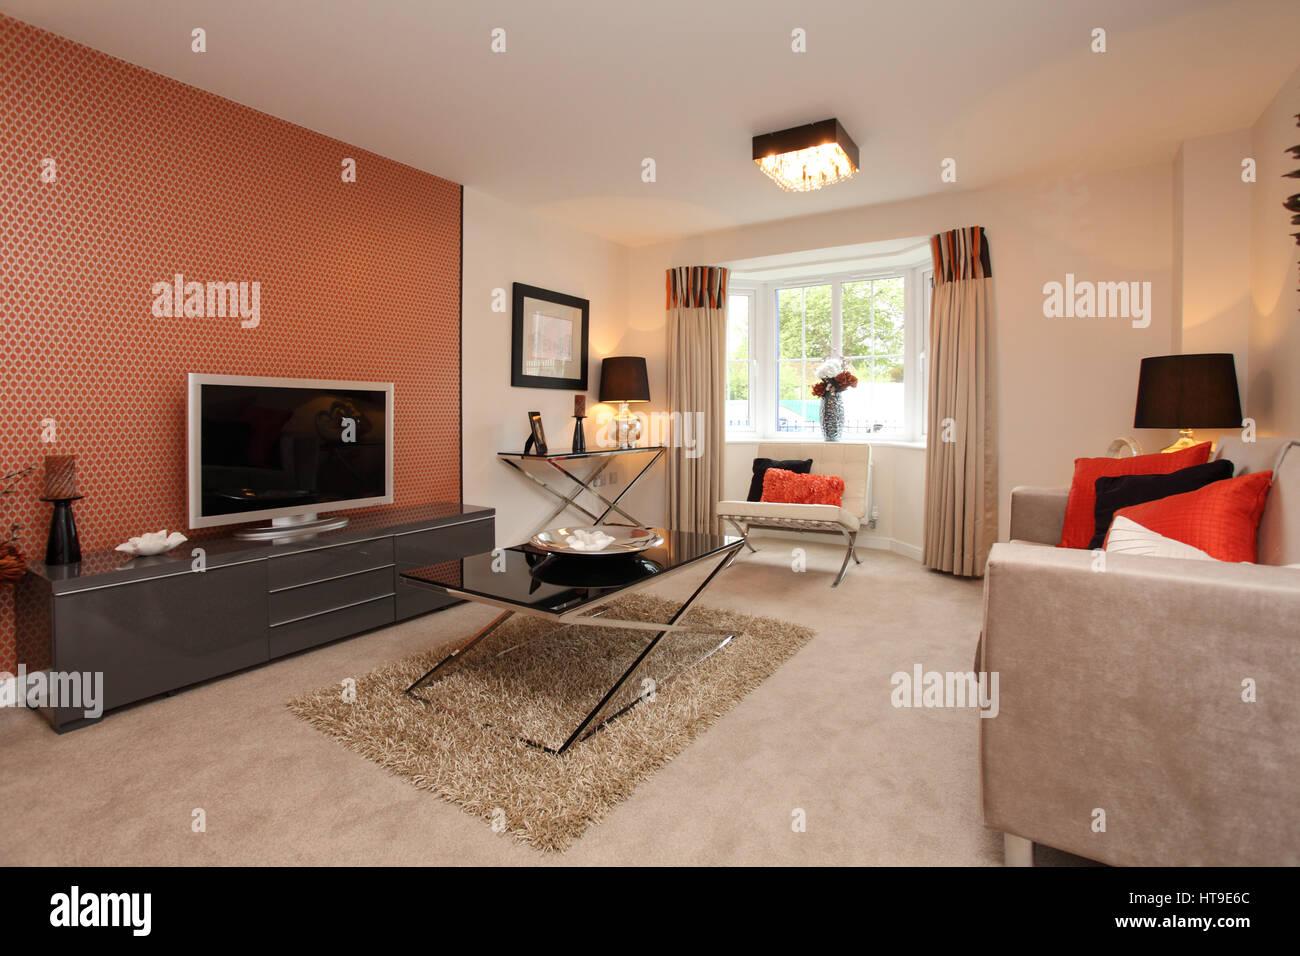 Home interni. Soggiorno, parete arancione, caratteristica ...